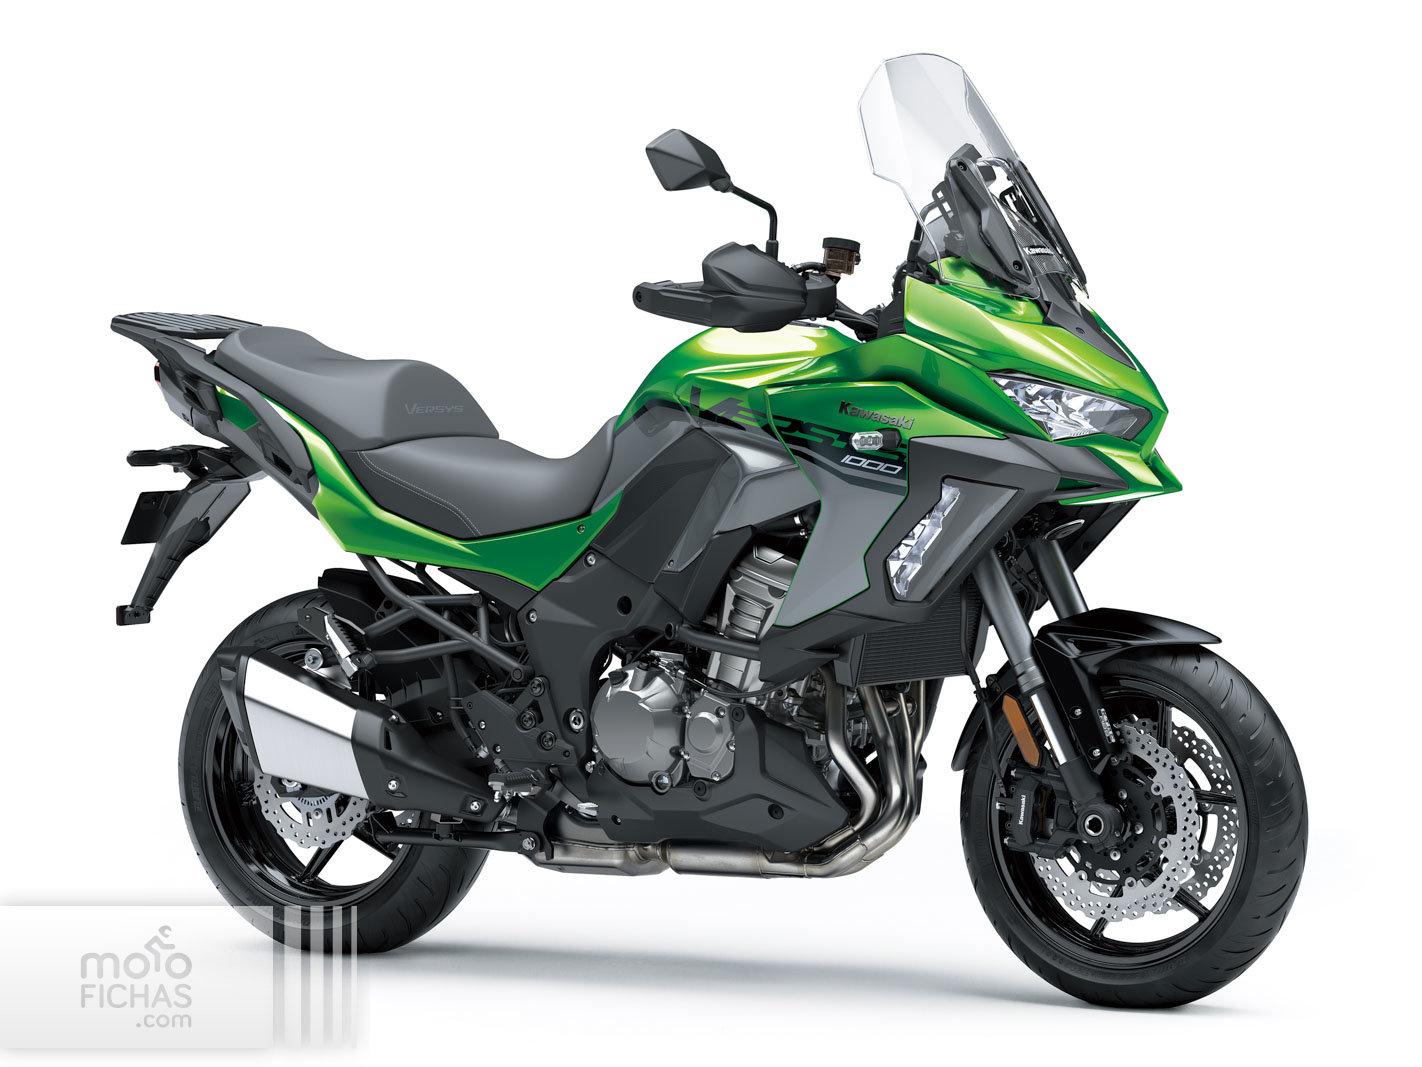 Kawasaki Versys 1000se 2019 Precio Ficha Opiniones Y Ofertas